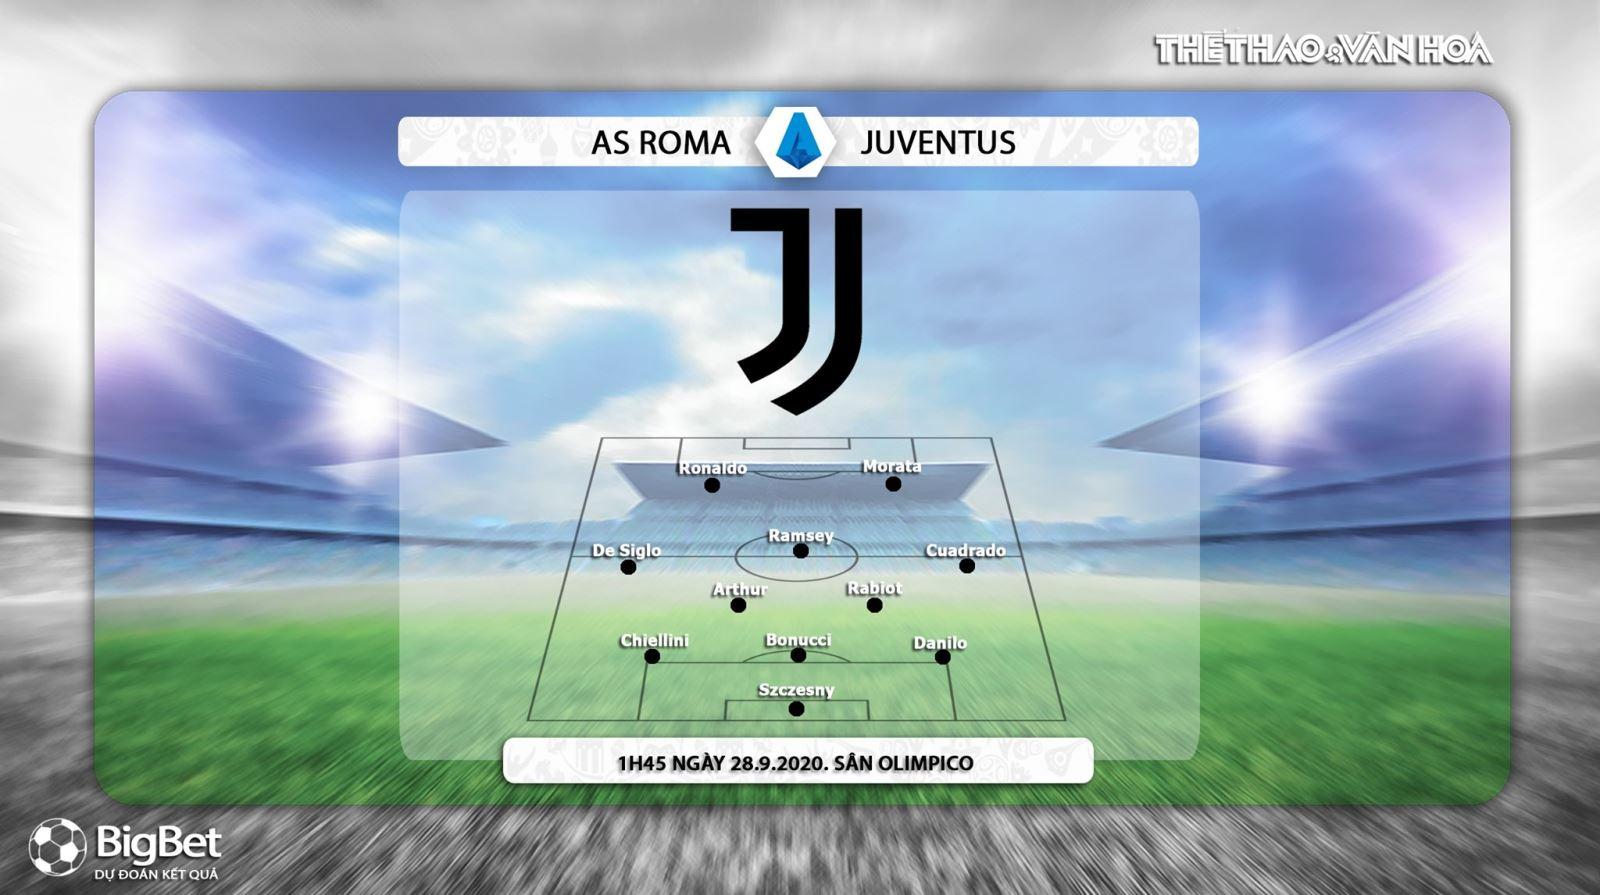 Keo nha cai, kèo nhà cái, AS Roma vs Juventus, Vòng 2 Serie A, Trực tiếp Truyền hình FPT, Trực tiếp Serie A vòng 2, Soi kèo Roma đấu với Juventus, Kèo Roma, Kèo Juventus